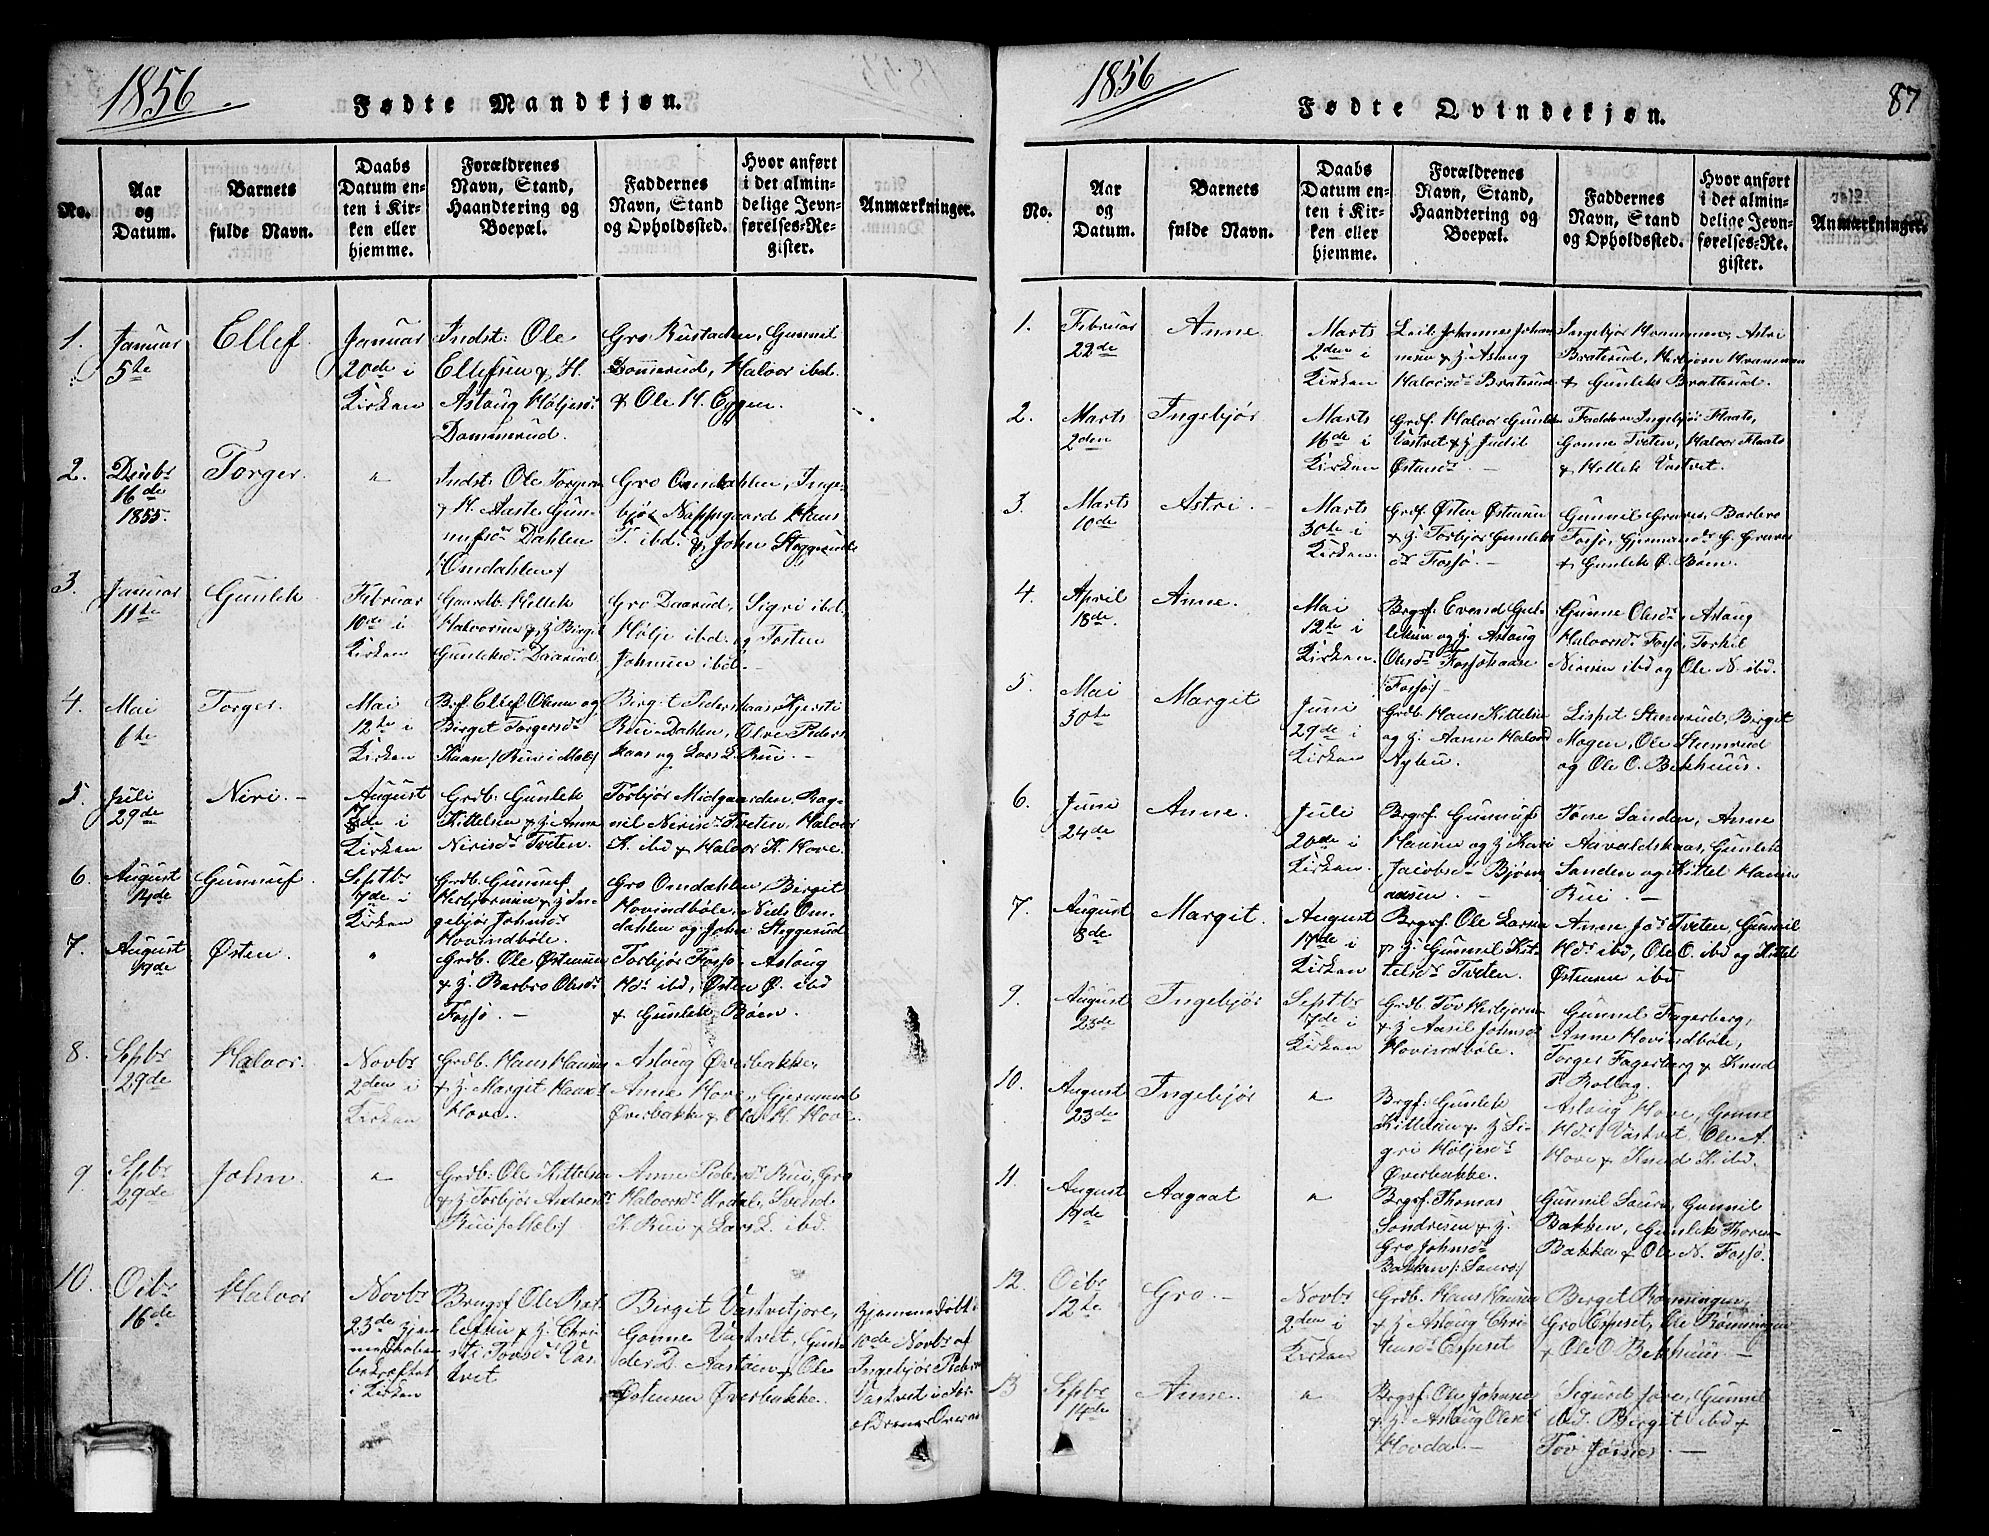 SAKO, Gransherad kirkebøker, G/Gb/L0001: Klokkerbok nr. II 1, 1815-1860, s. 87